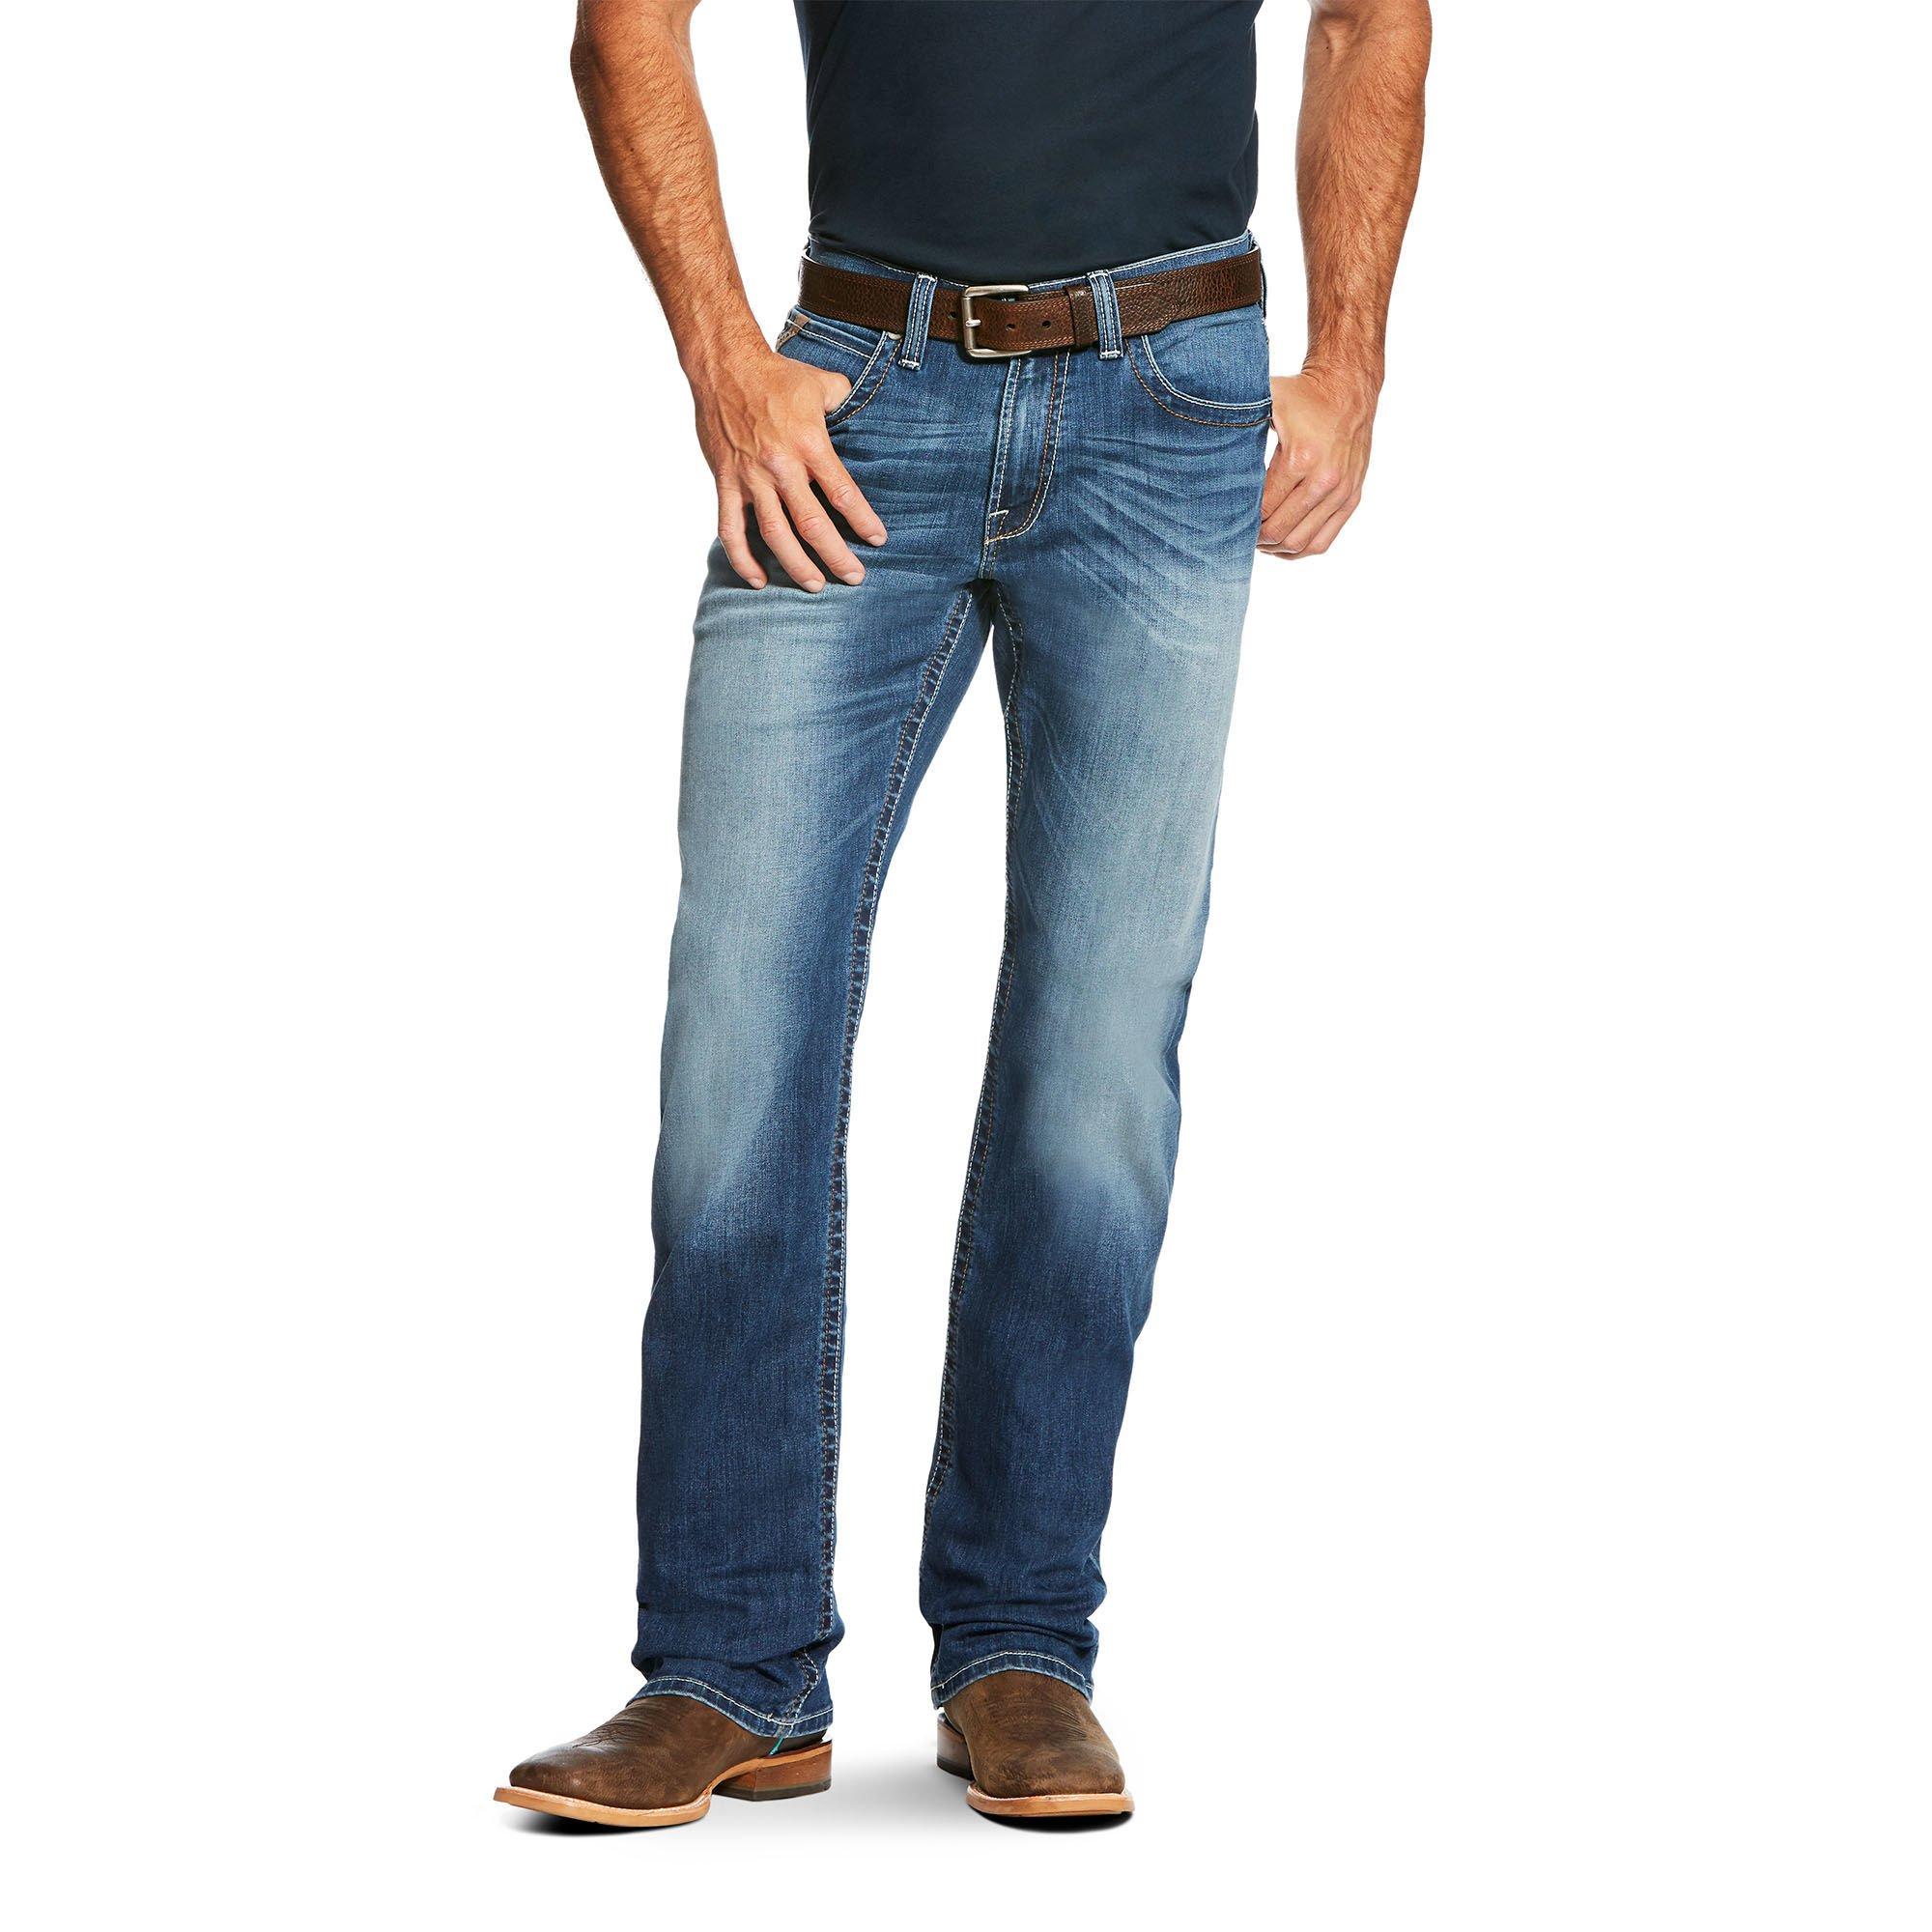 Ariat Men's M4 Low Rise Boot Cut Jean, Flex Stretch Phoenix, 31X32